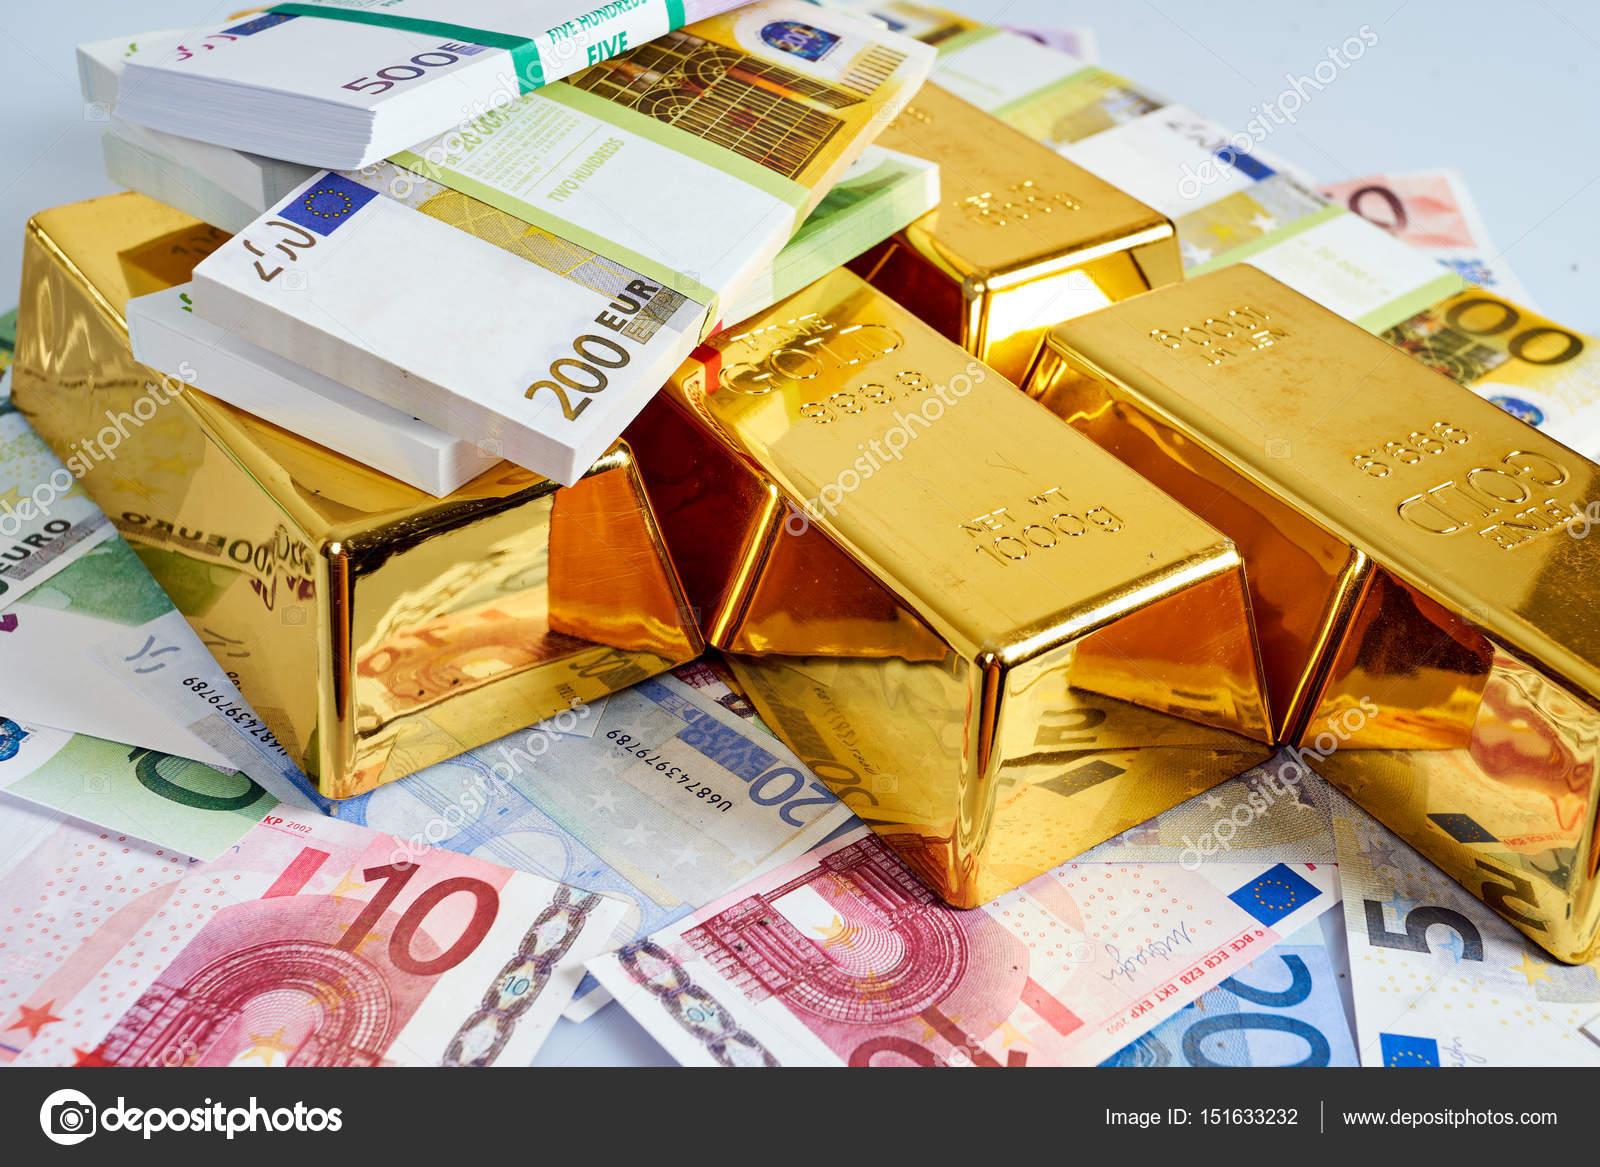 Причины и следствия: Сырьевое проклятие России, кредитное проклятие Греции, долларовое проклятие США (часть 2) (Тояма Токанава)